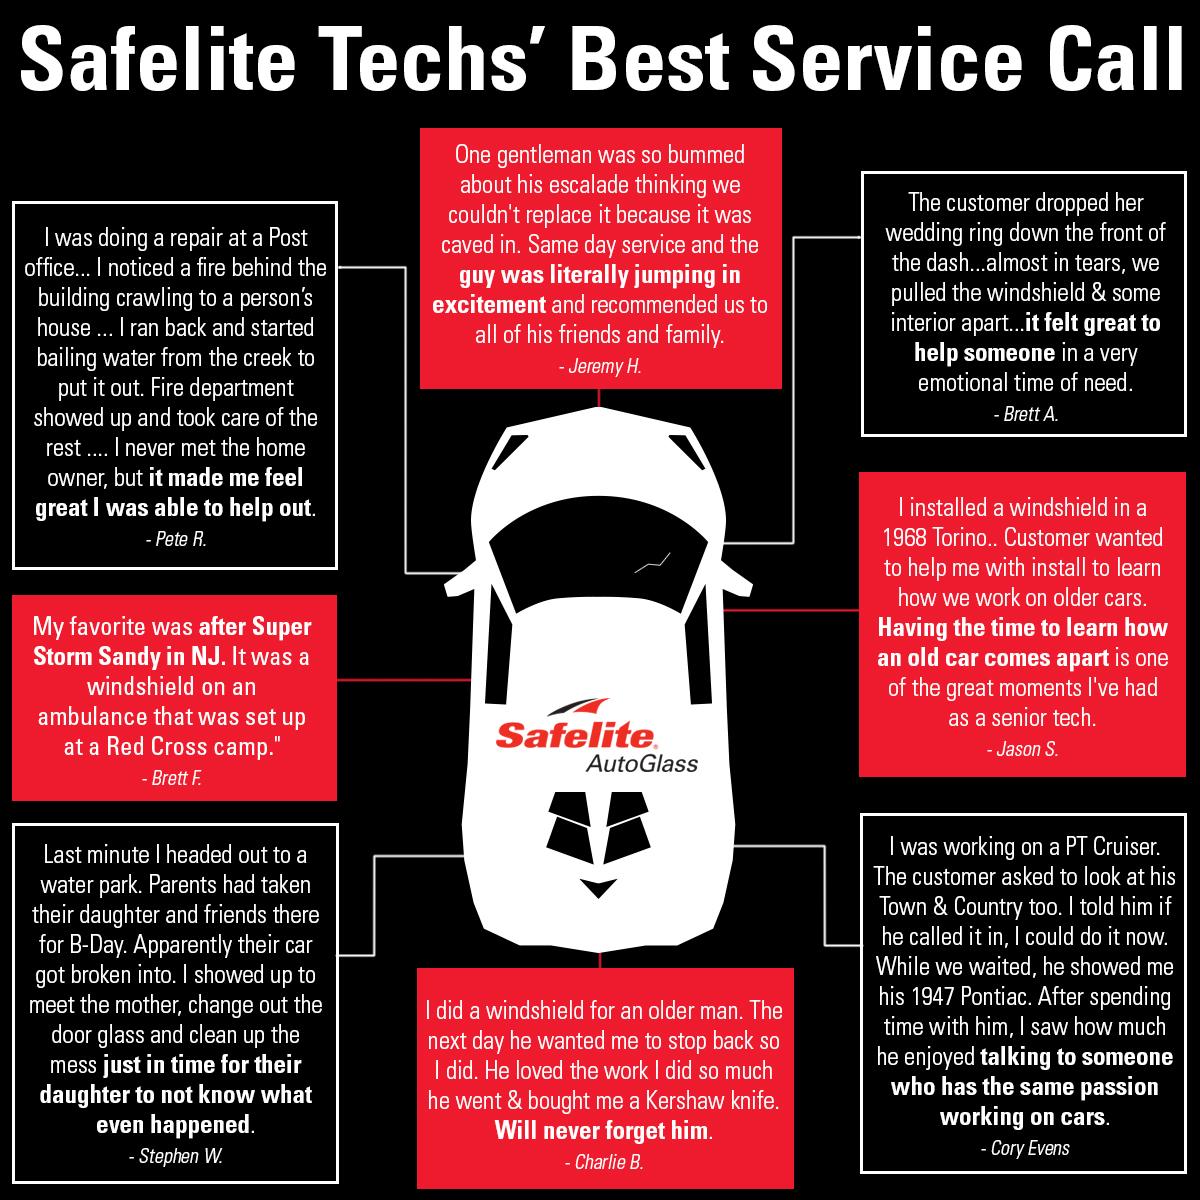 safelite_techs-best-service-call_infobyte-1